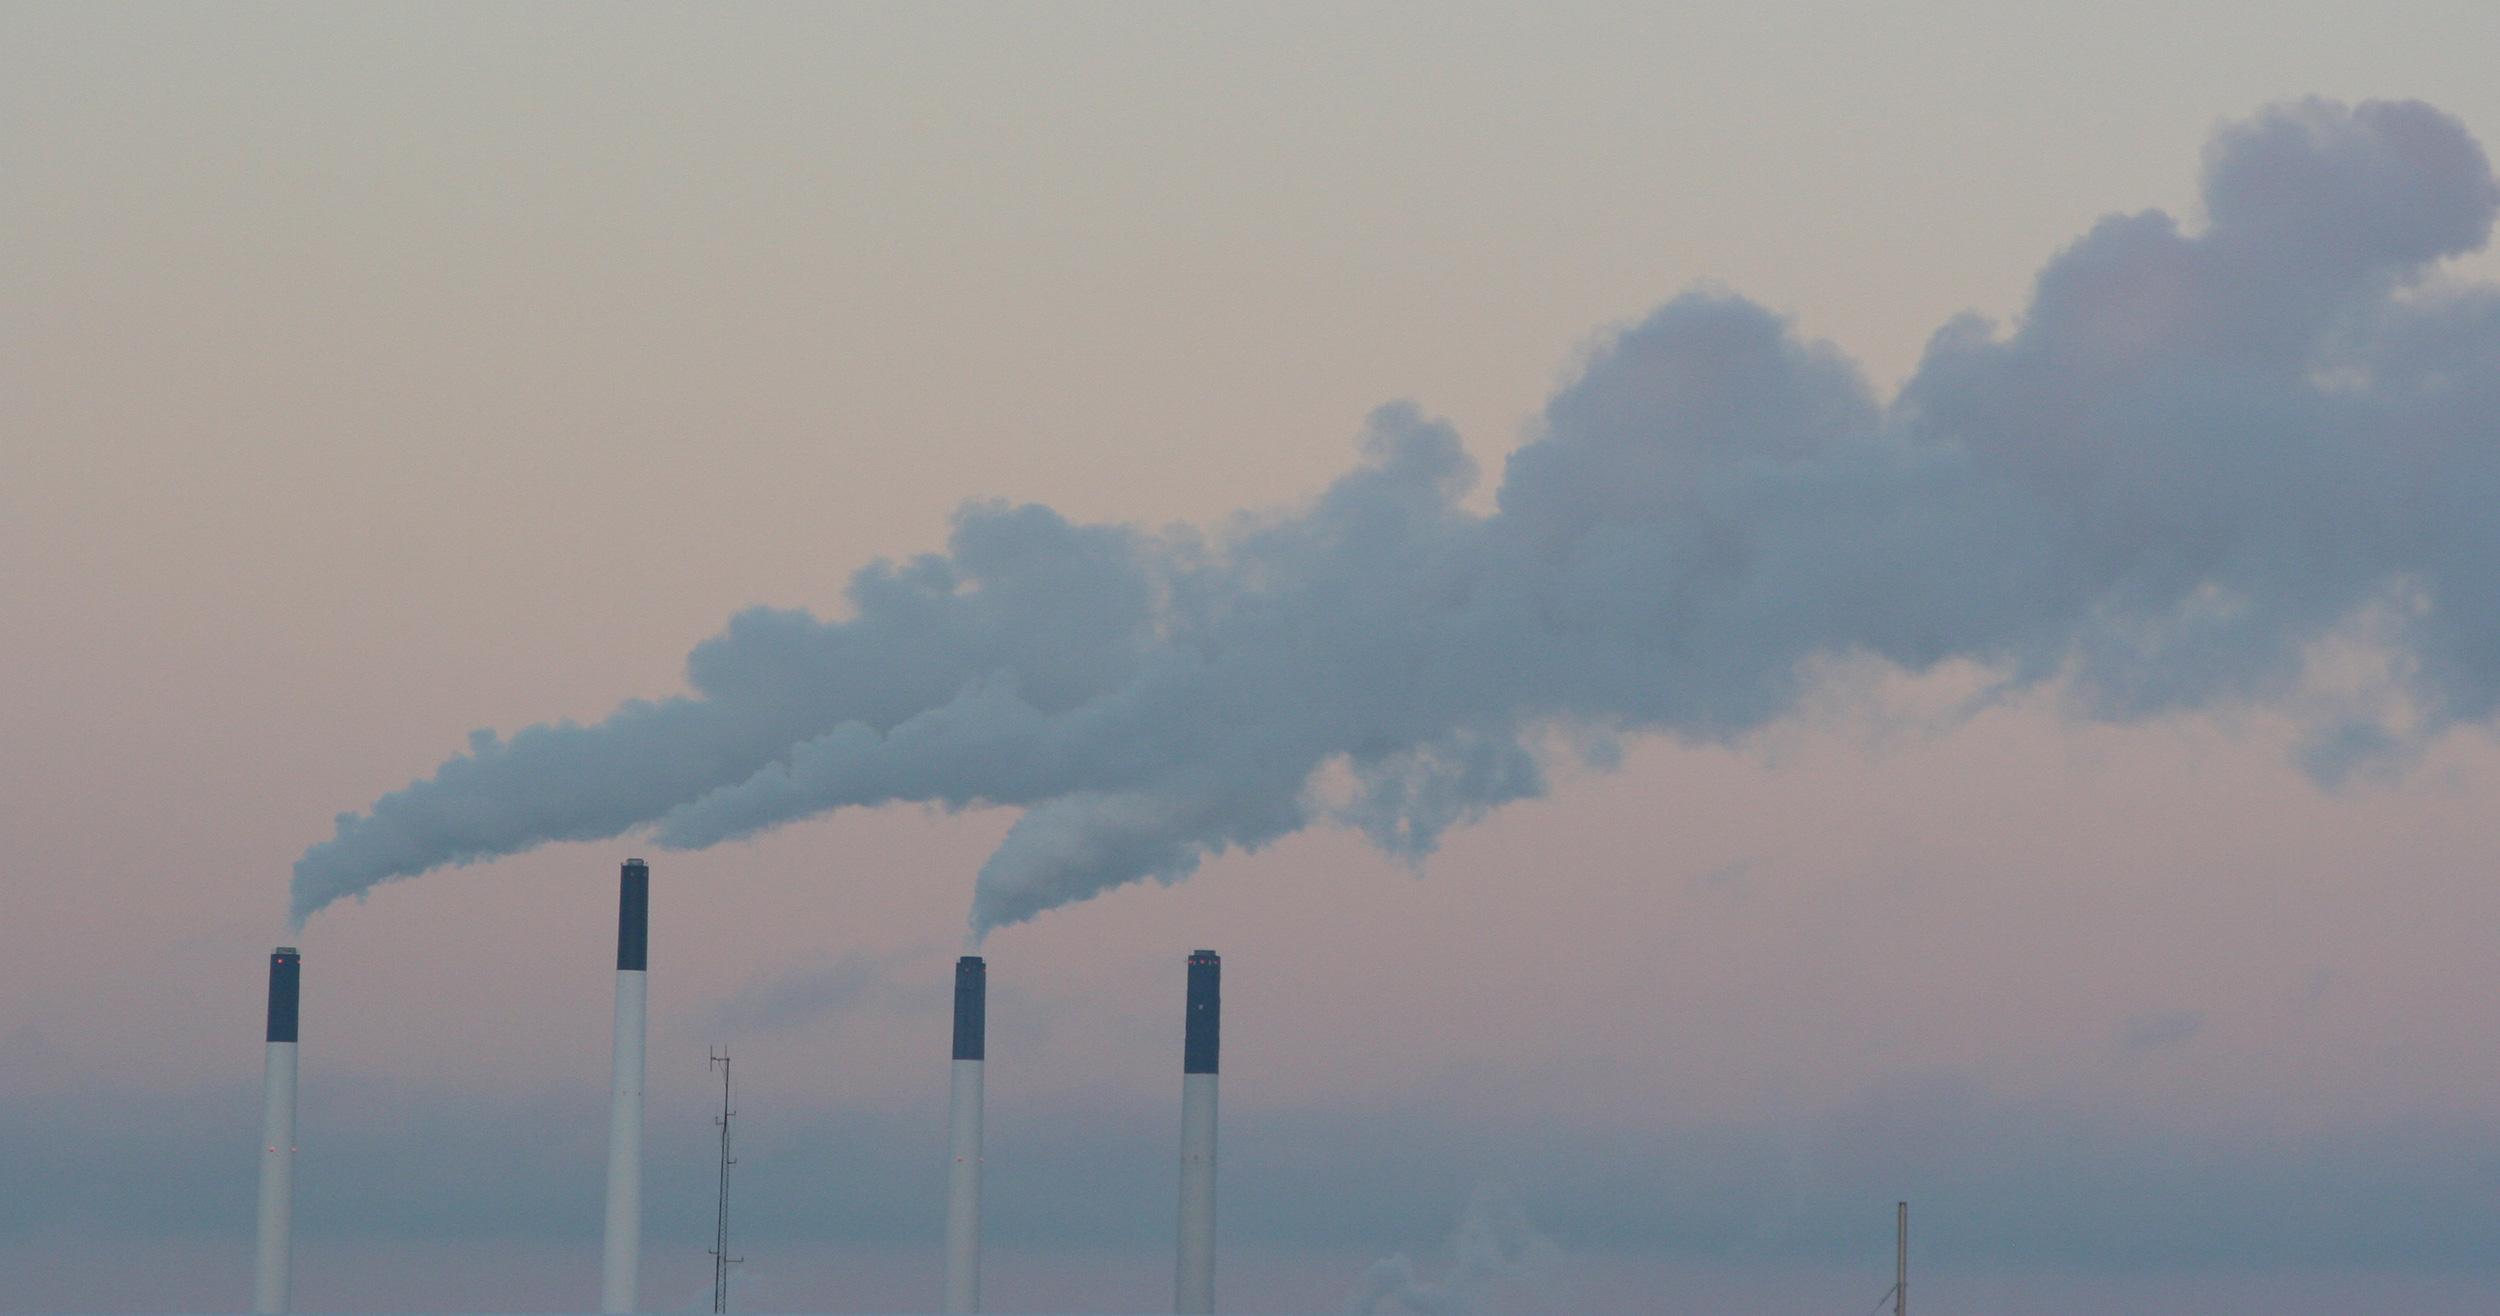 DN glæder sig over CO2-afgift i ny klimaaftale